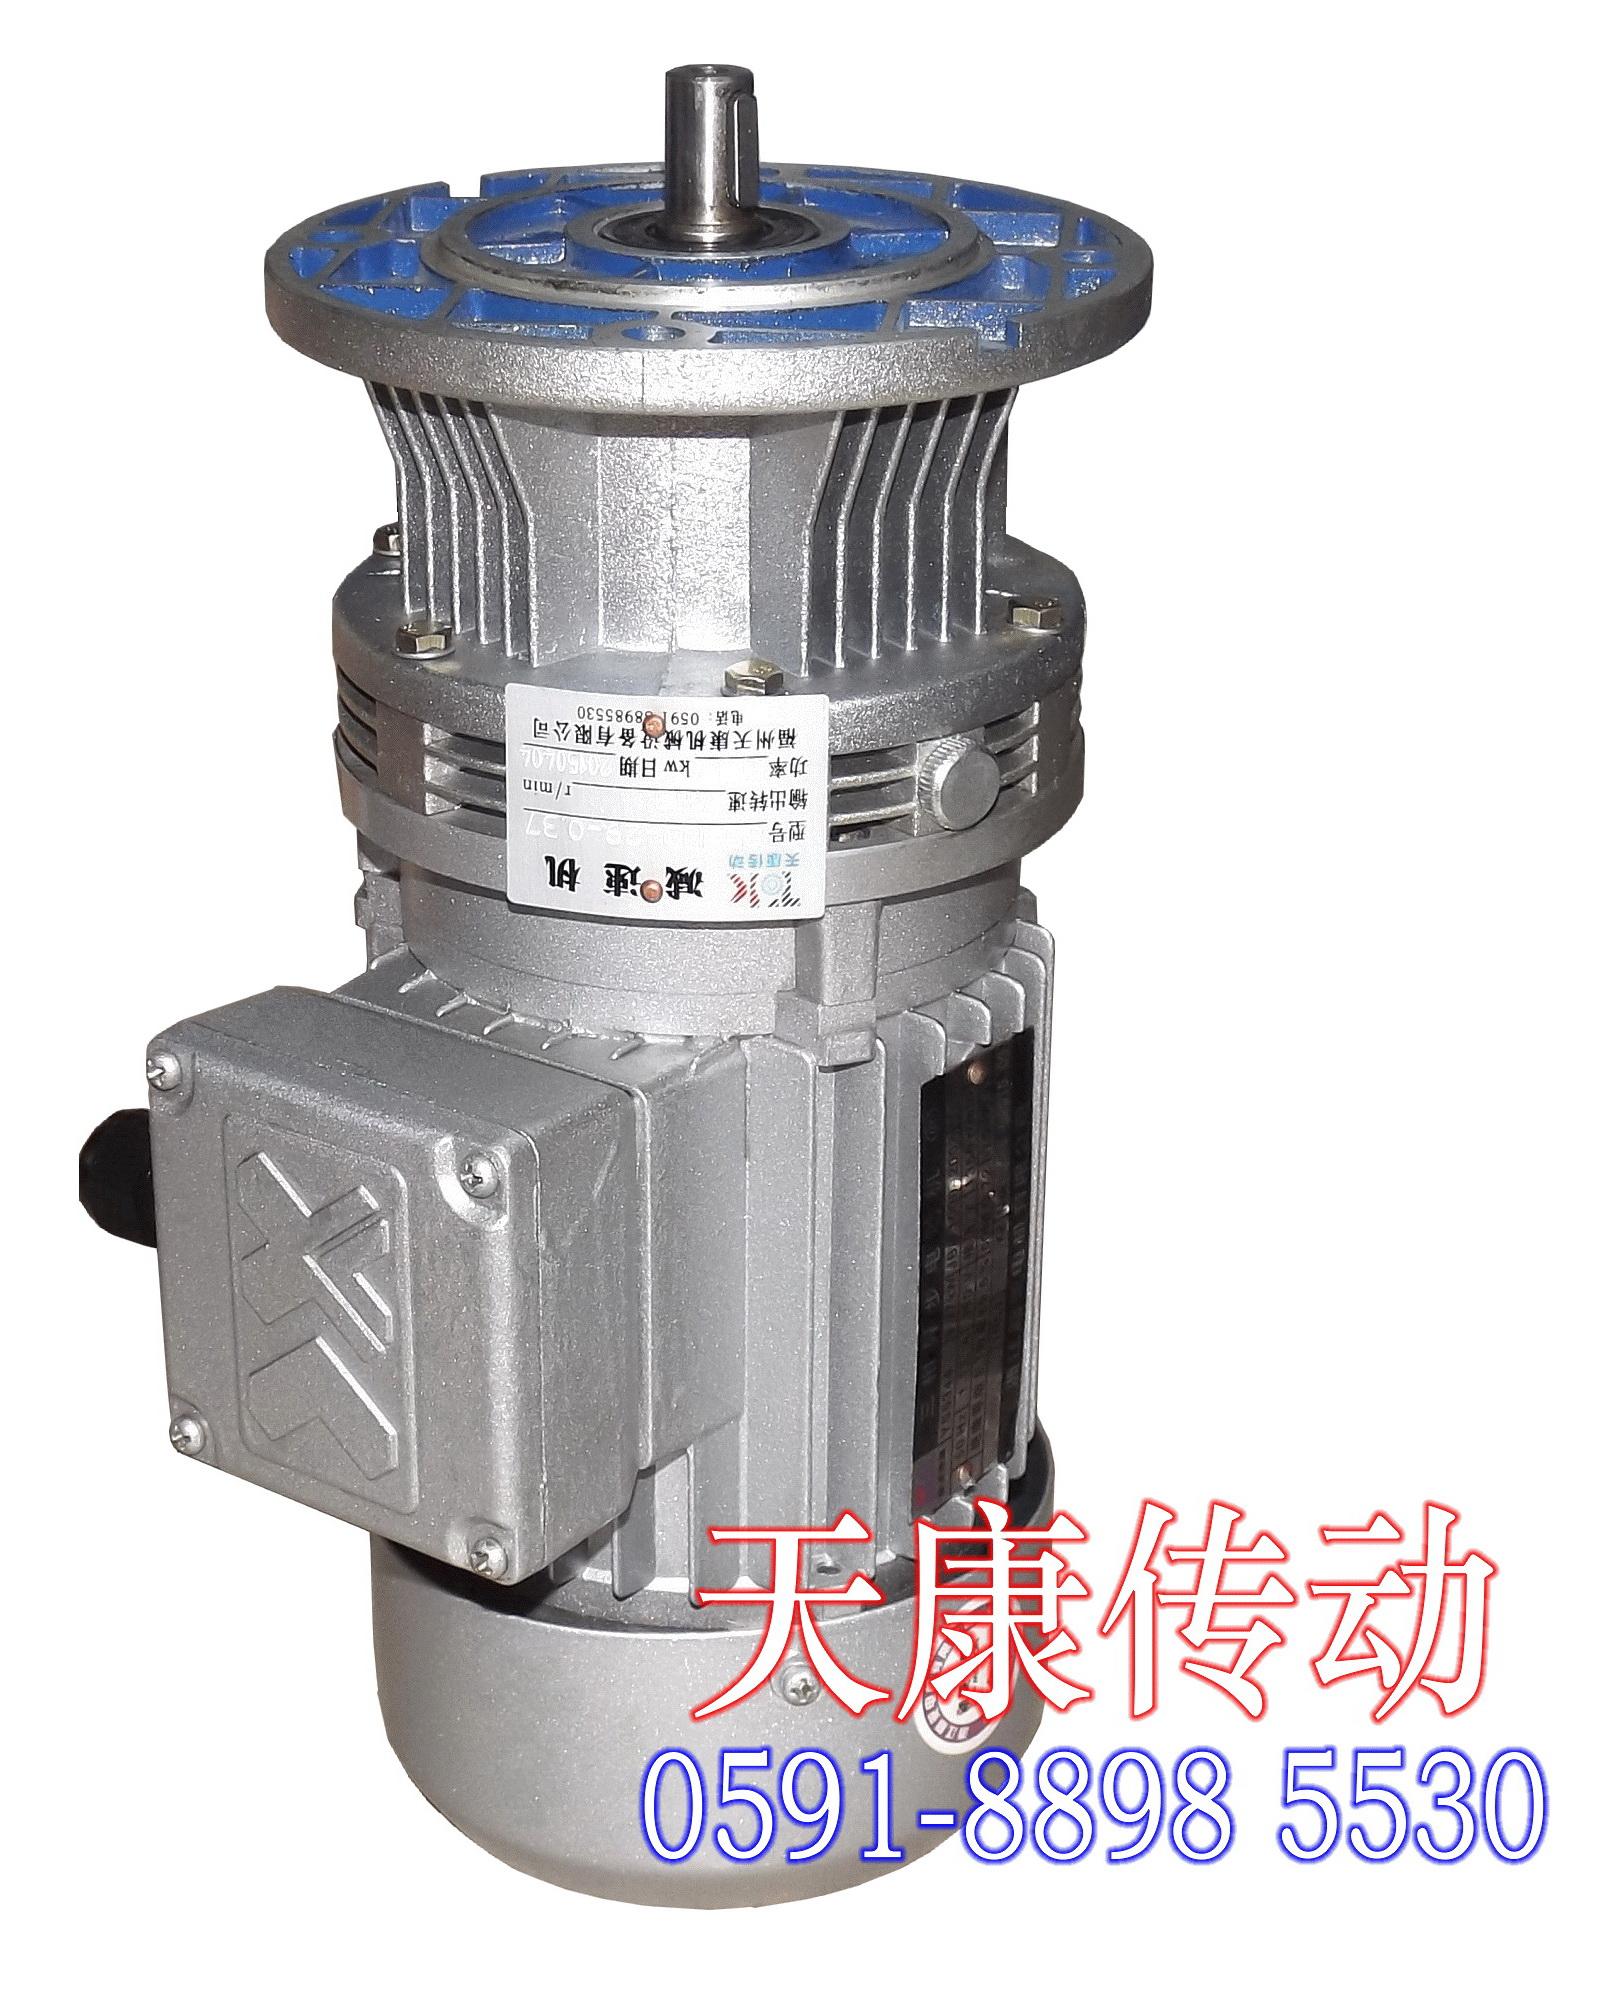 WB微型擺線針輪減速機1